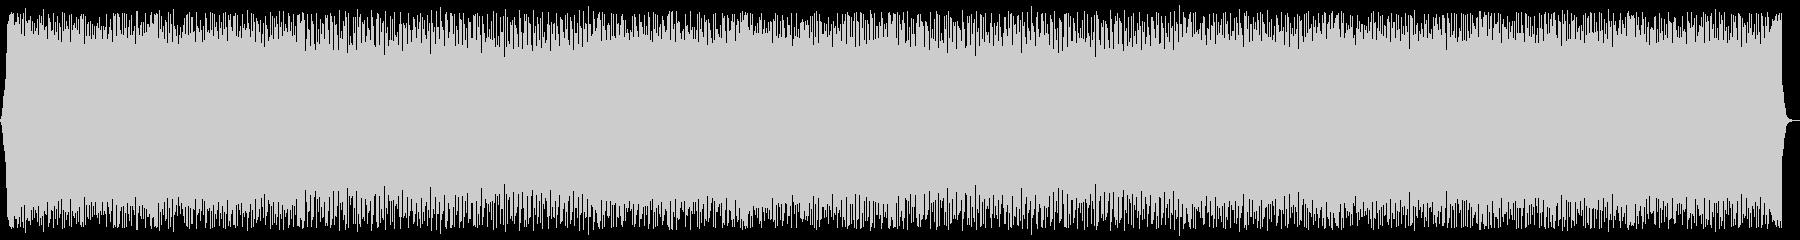 ロックエレクトロ_No669_1の未再生の波形